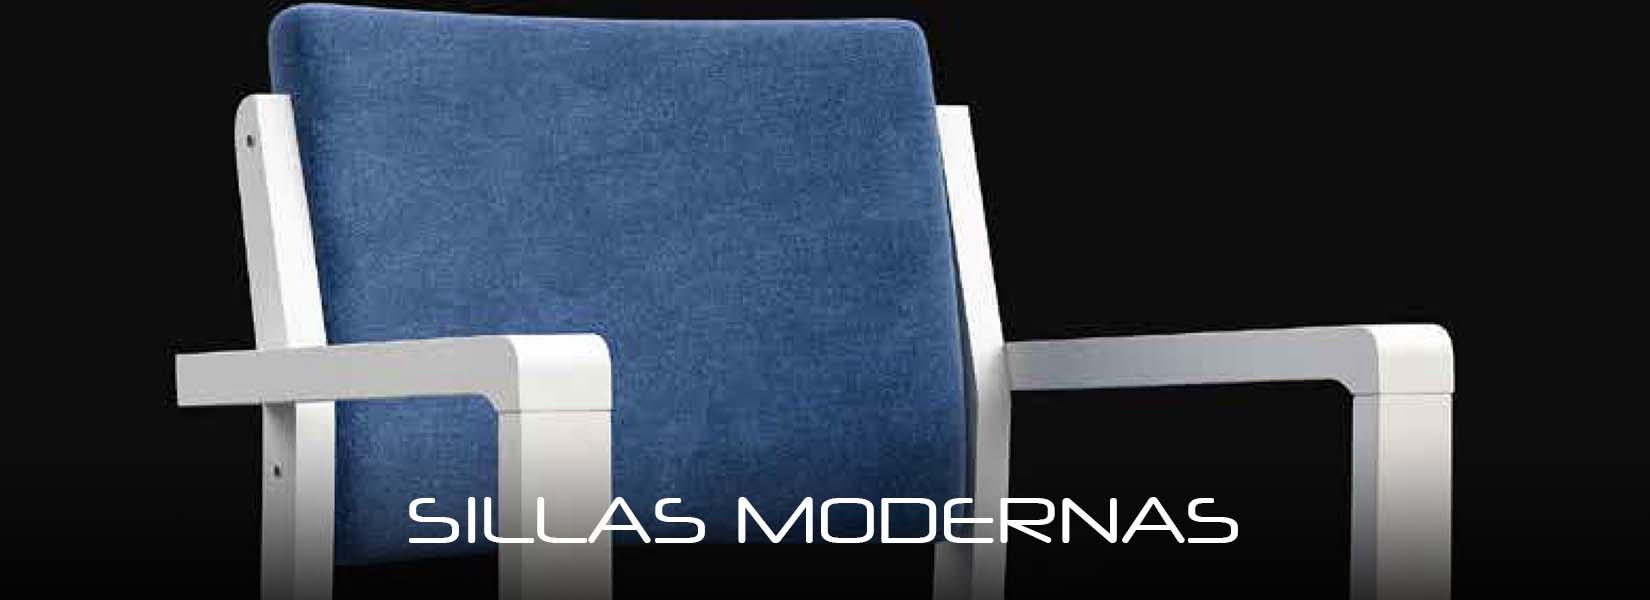 slider_cat_sillas_modernas_1